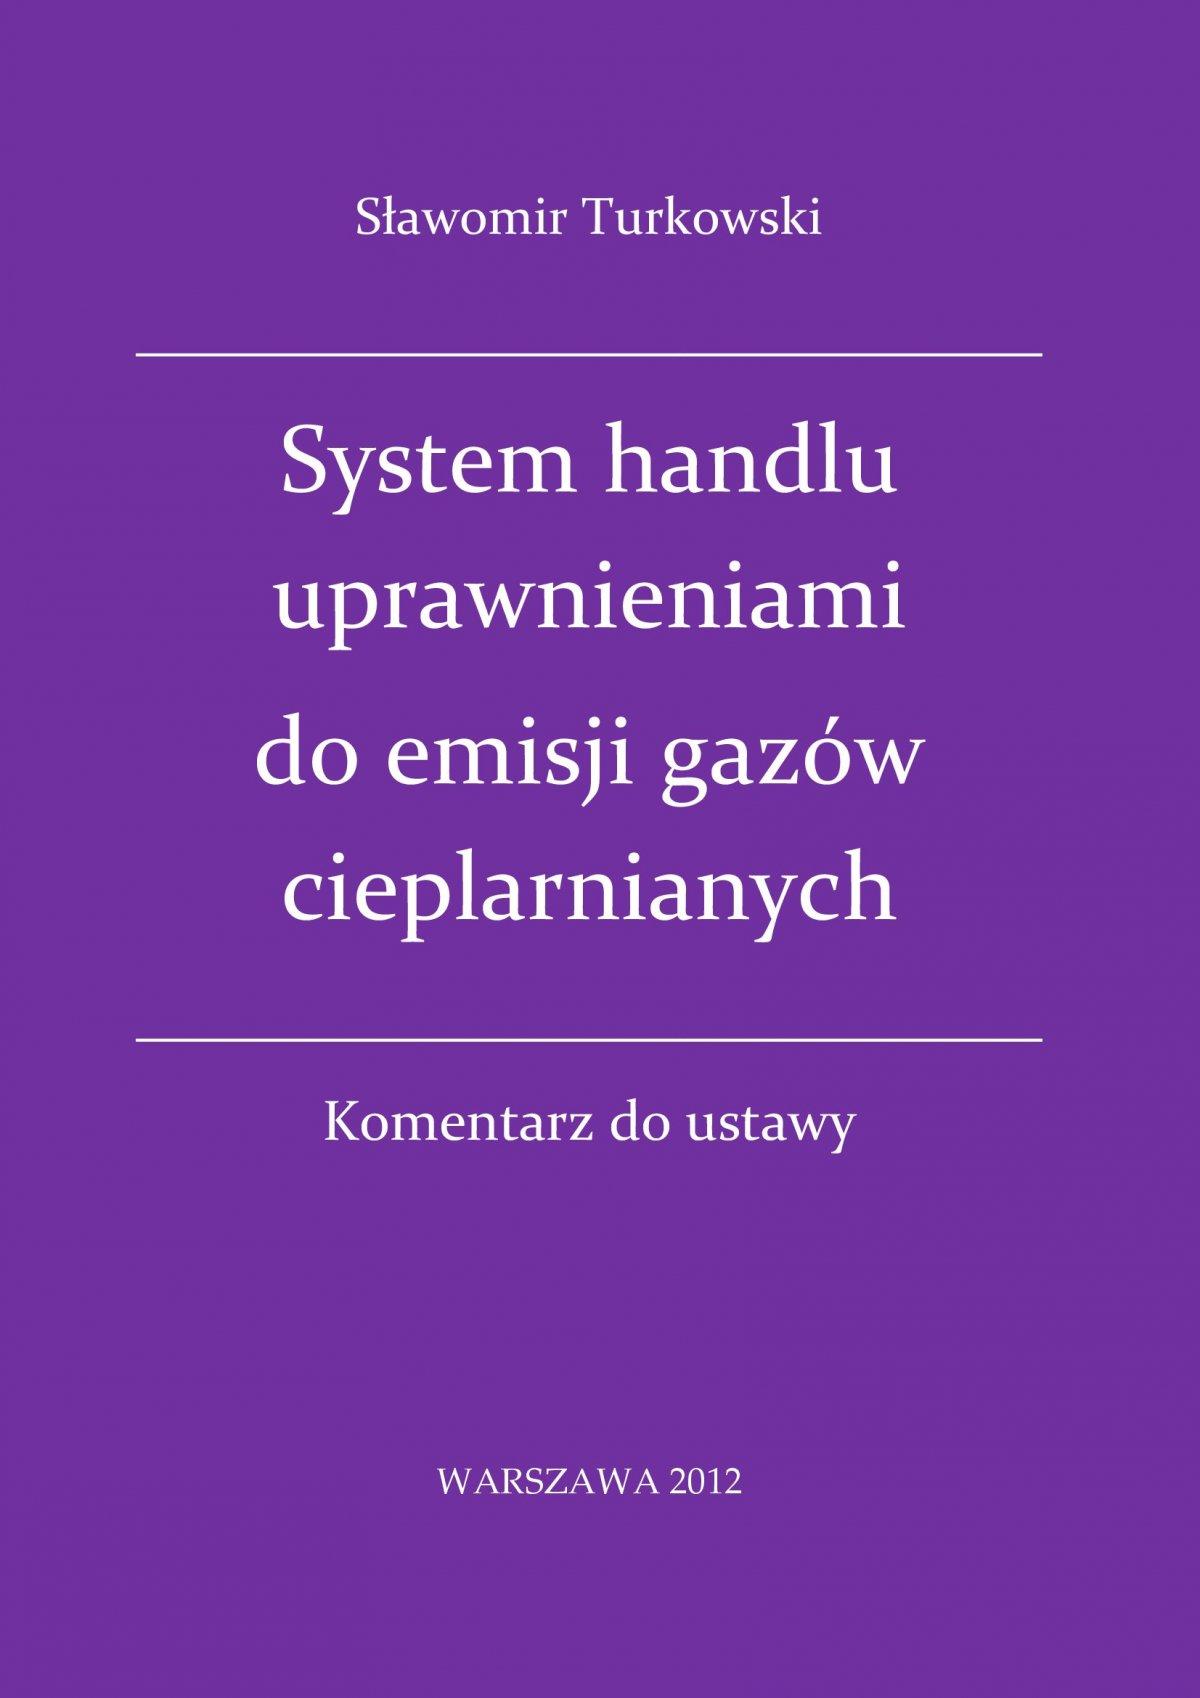 System handlu uprawnieniami do emisji gazów cieplarnianych - komentarz do ustawy - Ebook (Książka PDF) do pobrania w formacie PDF